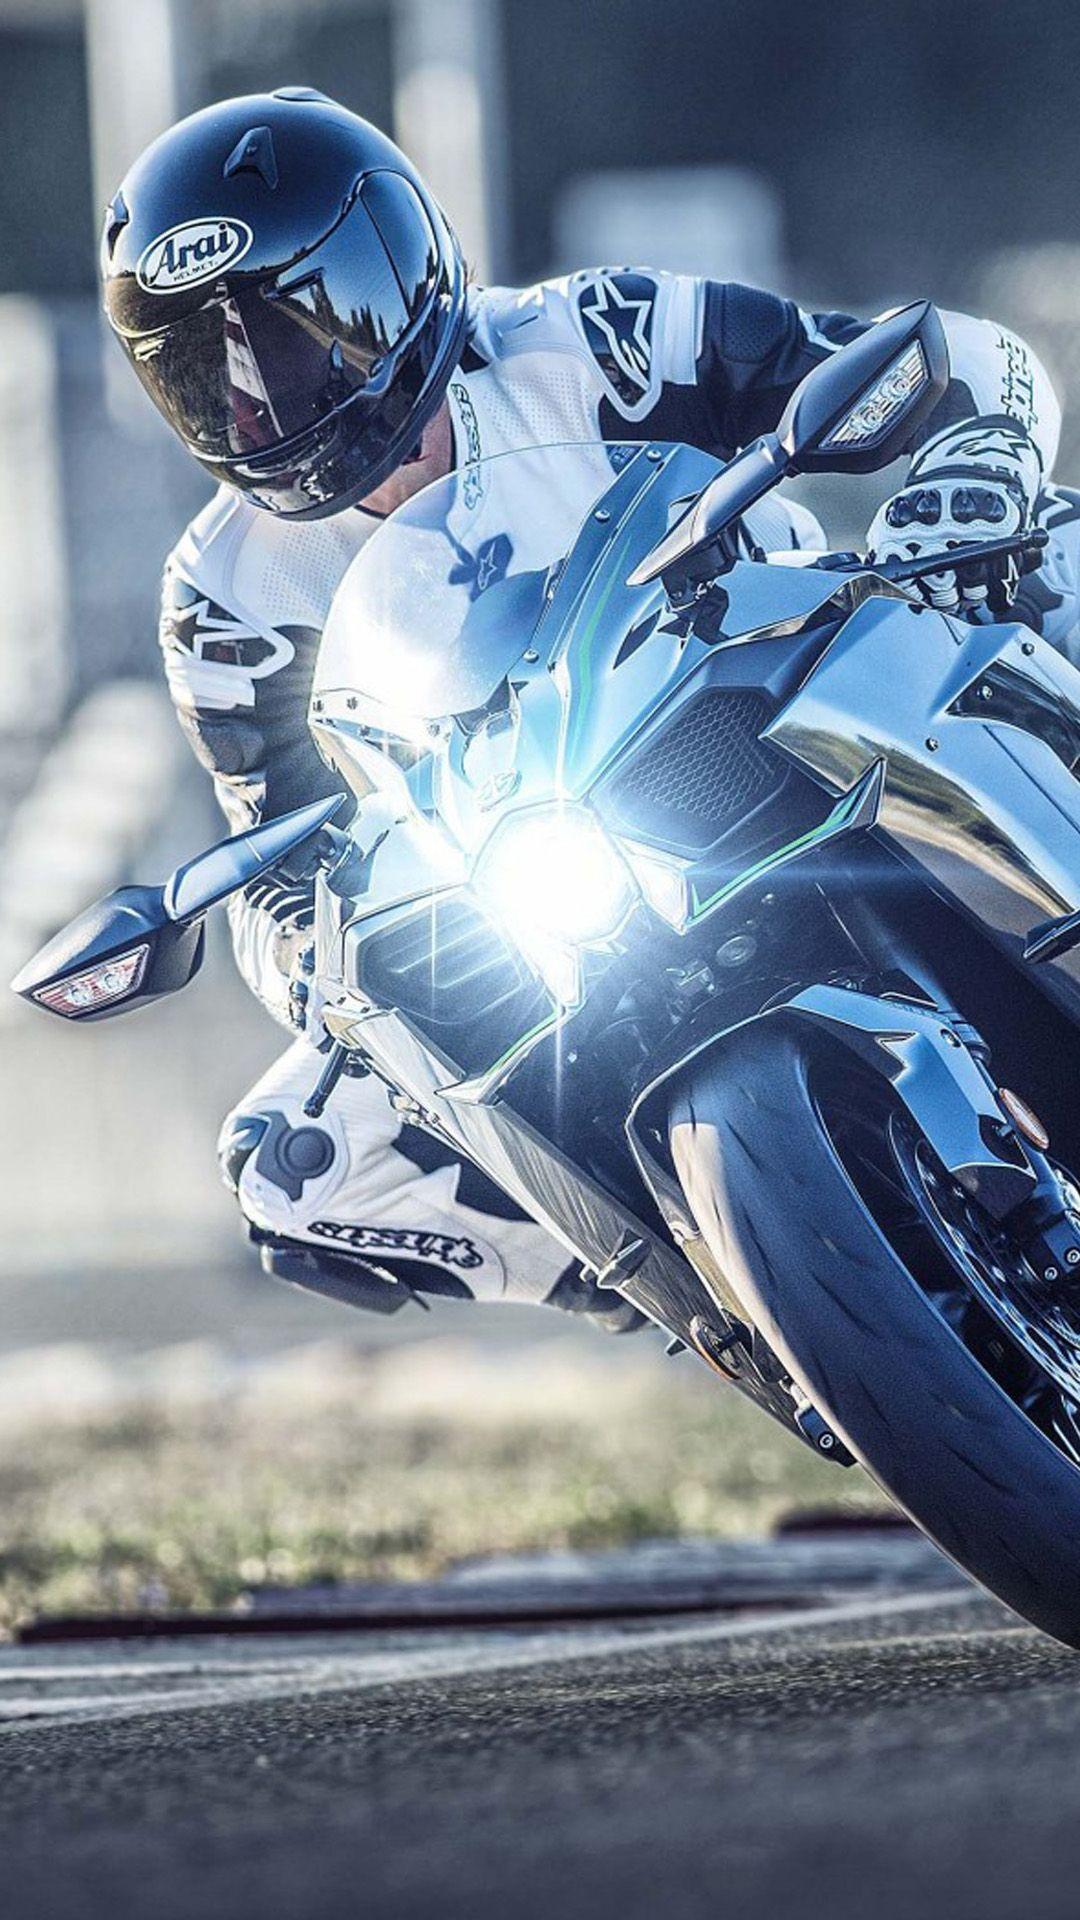 Kawasaki Ninja Zx 6r 2019 Green Black 4k Ultra Hd Mobile Wallpaper Kawasaki Ninja Ninja Bike Kawasaki Ninja Zx6r